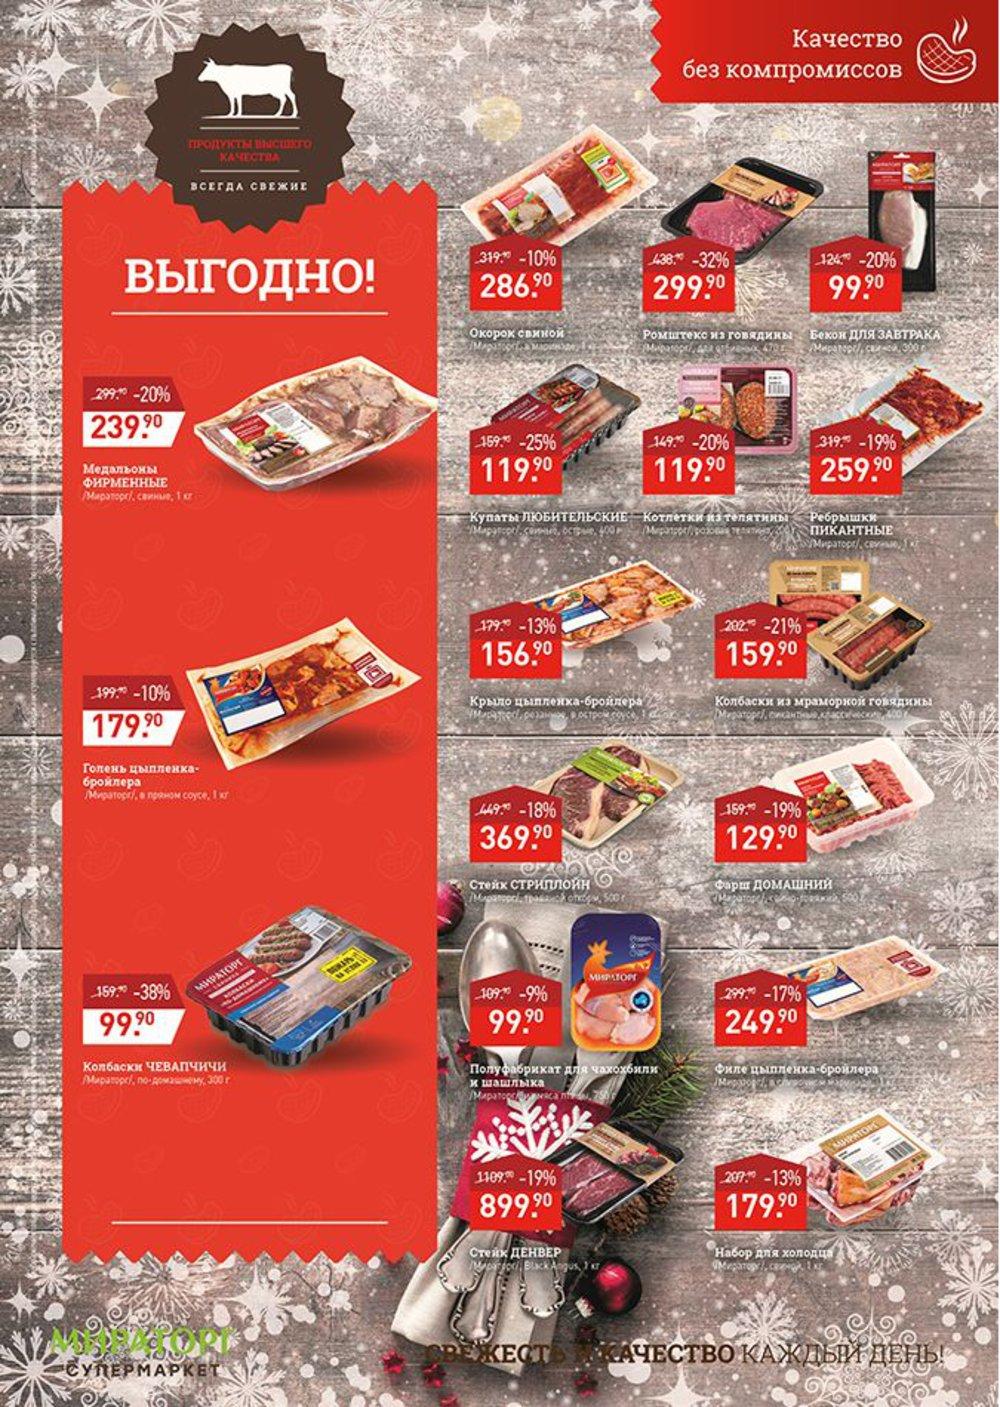 Каталог акций Мираторг с 18 декабря 2017 по 7 января 2018 - стр. 2